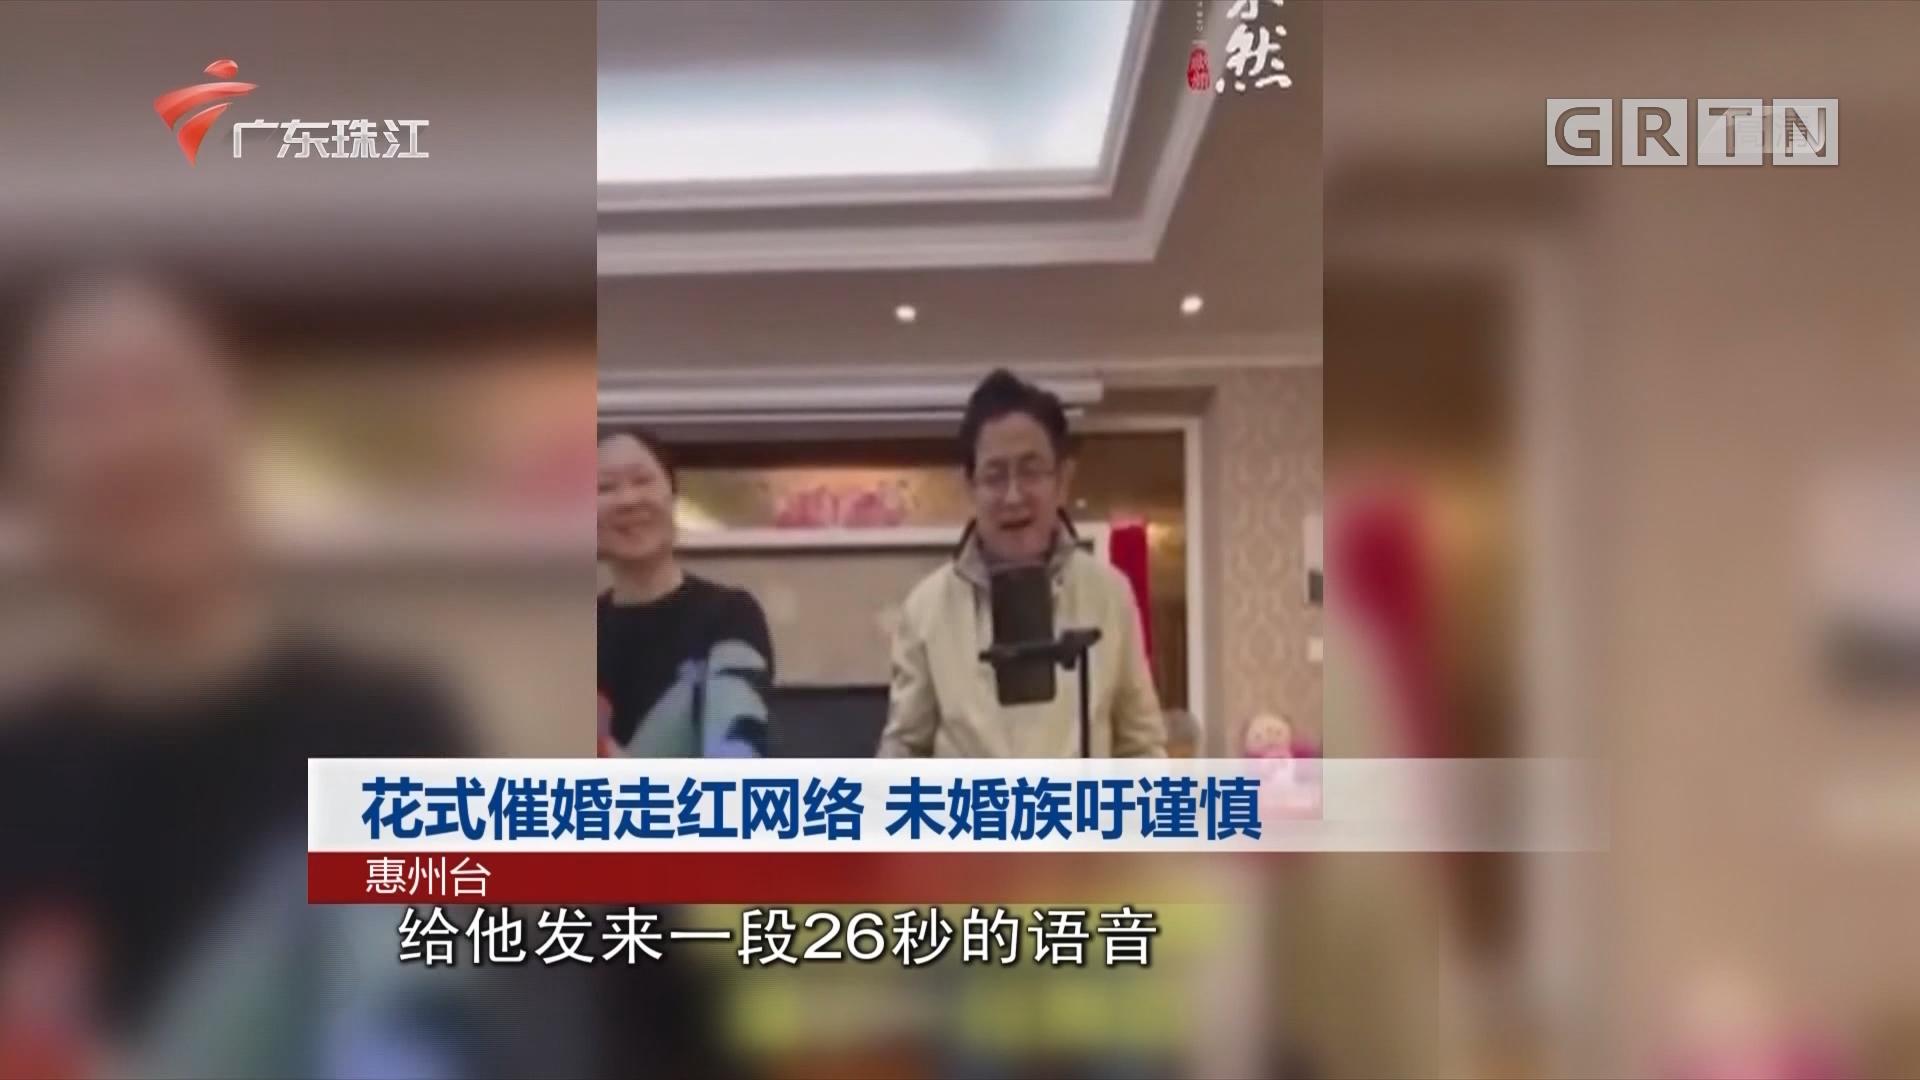 花式催婚走红网络 未婚族吁谨慎